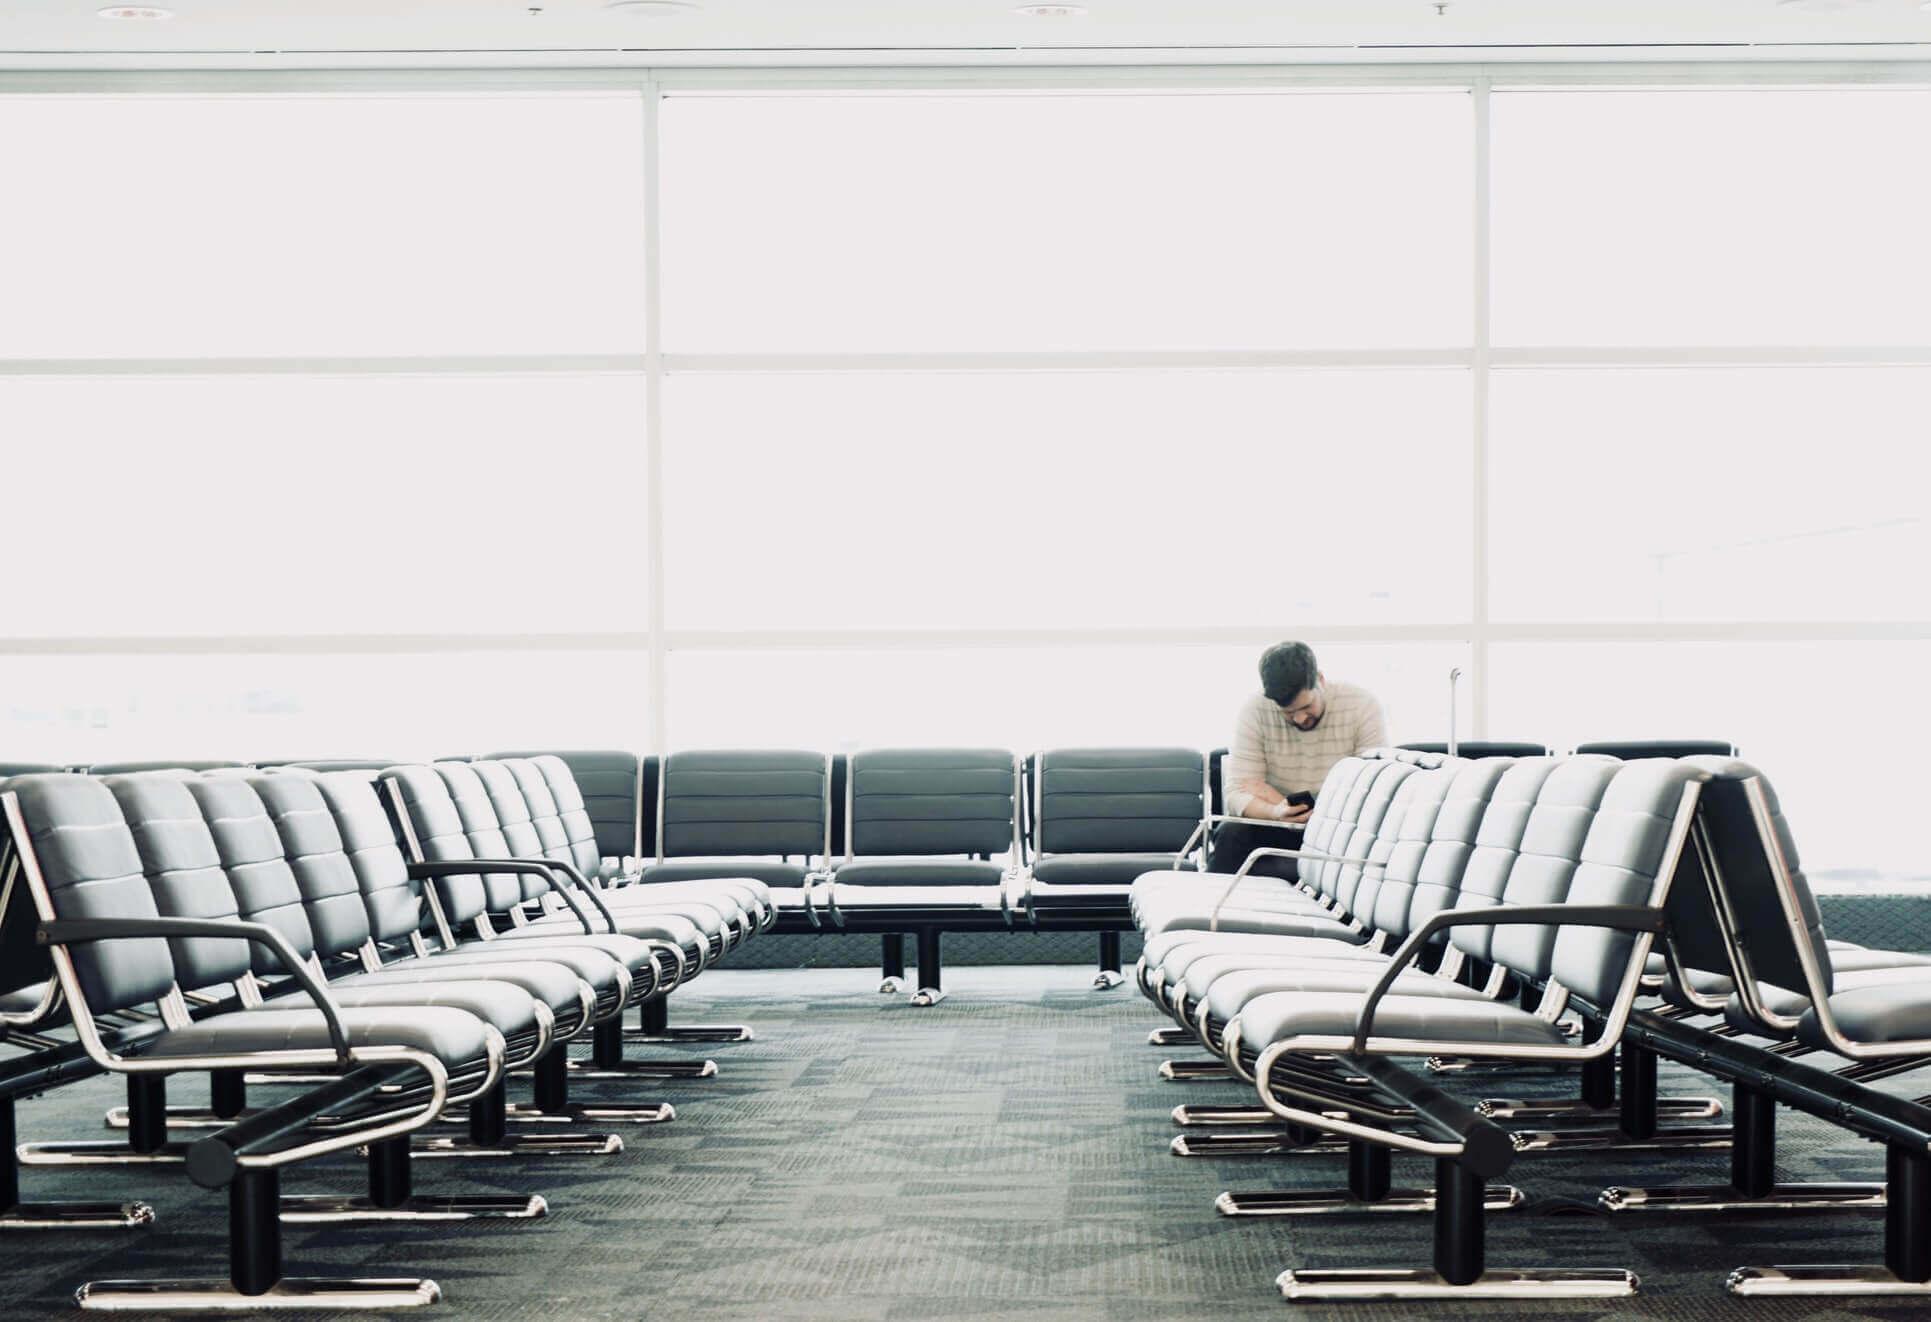 Поясним за новости: аэропорт Внуково начнет принимать электронные посадочные